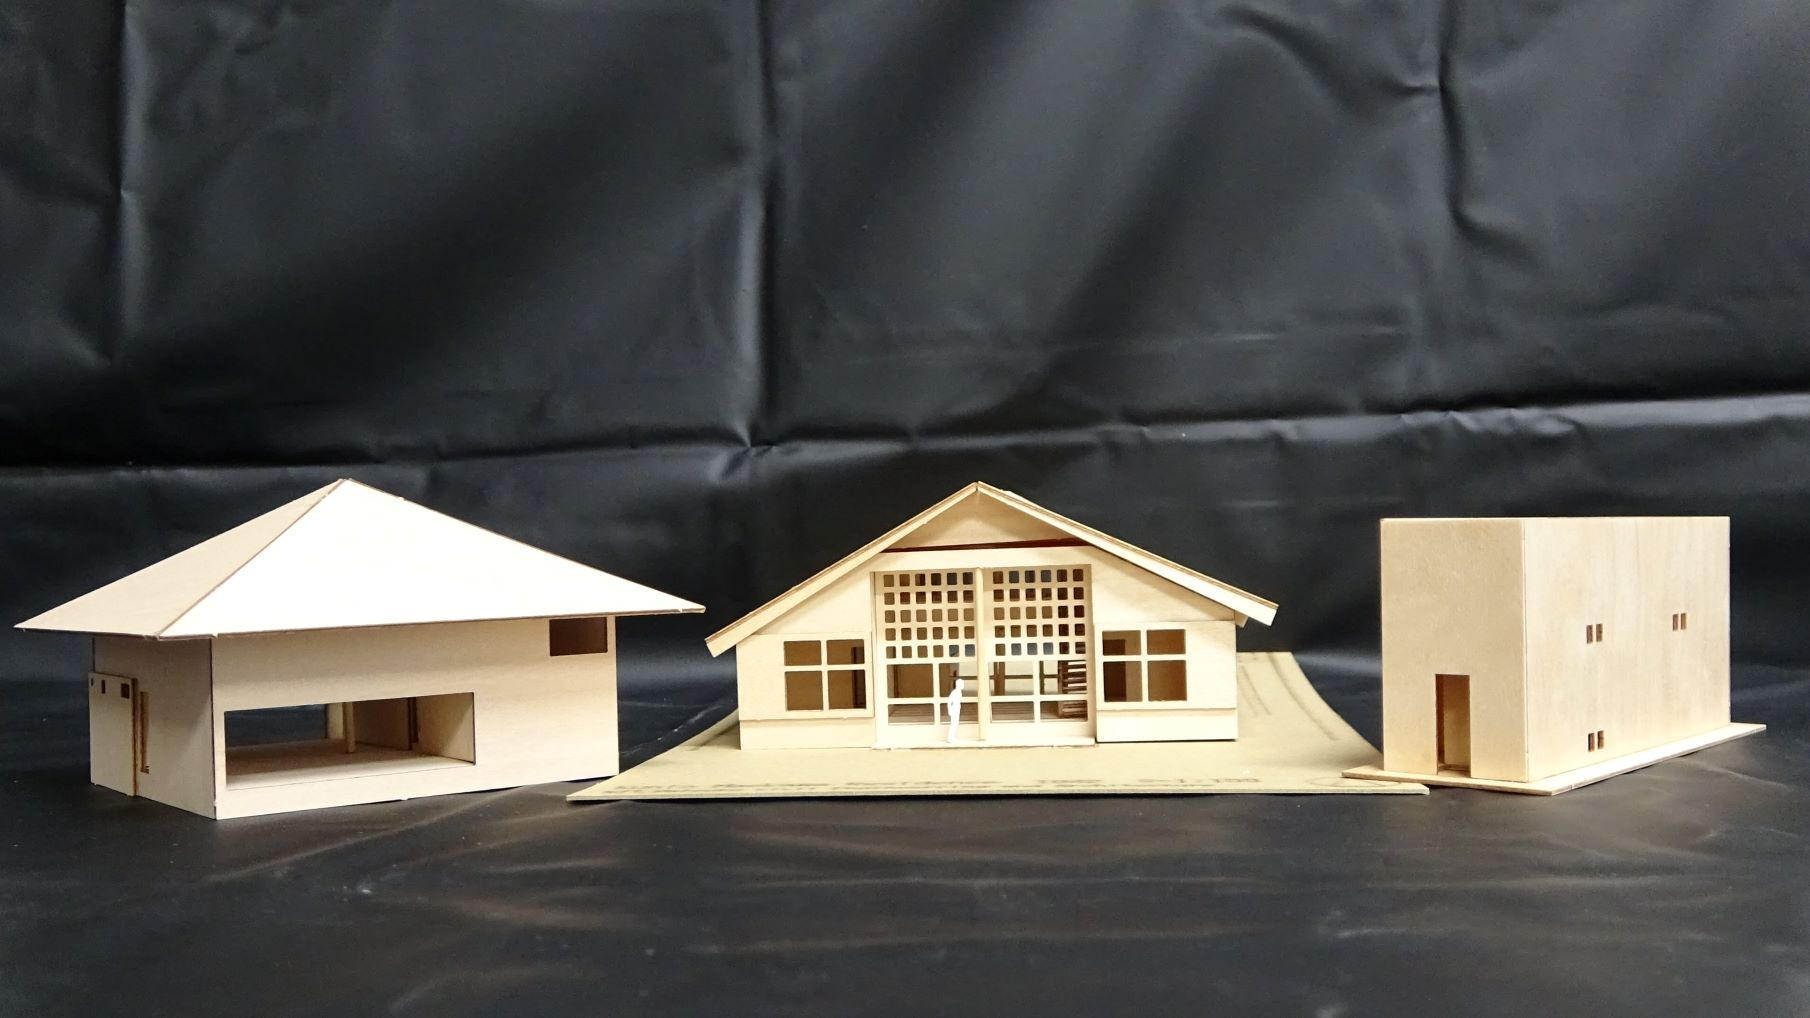 住宅建築模型制作 新作